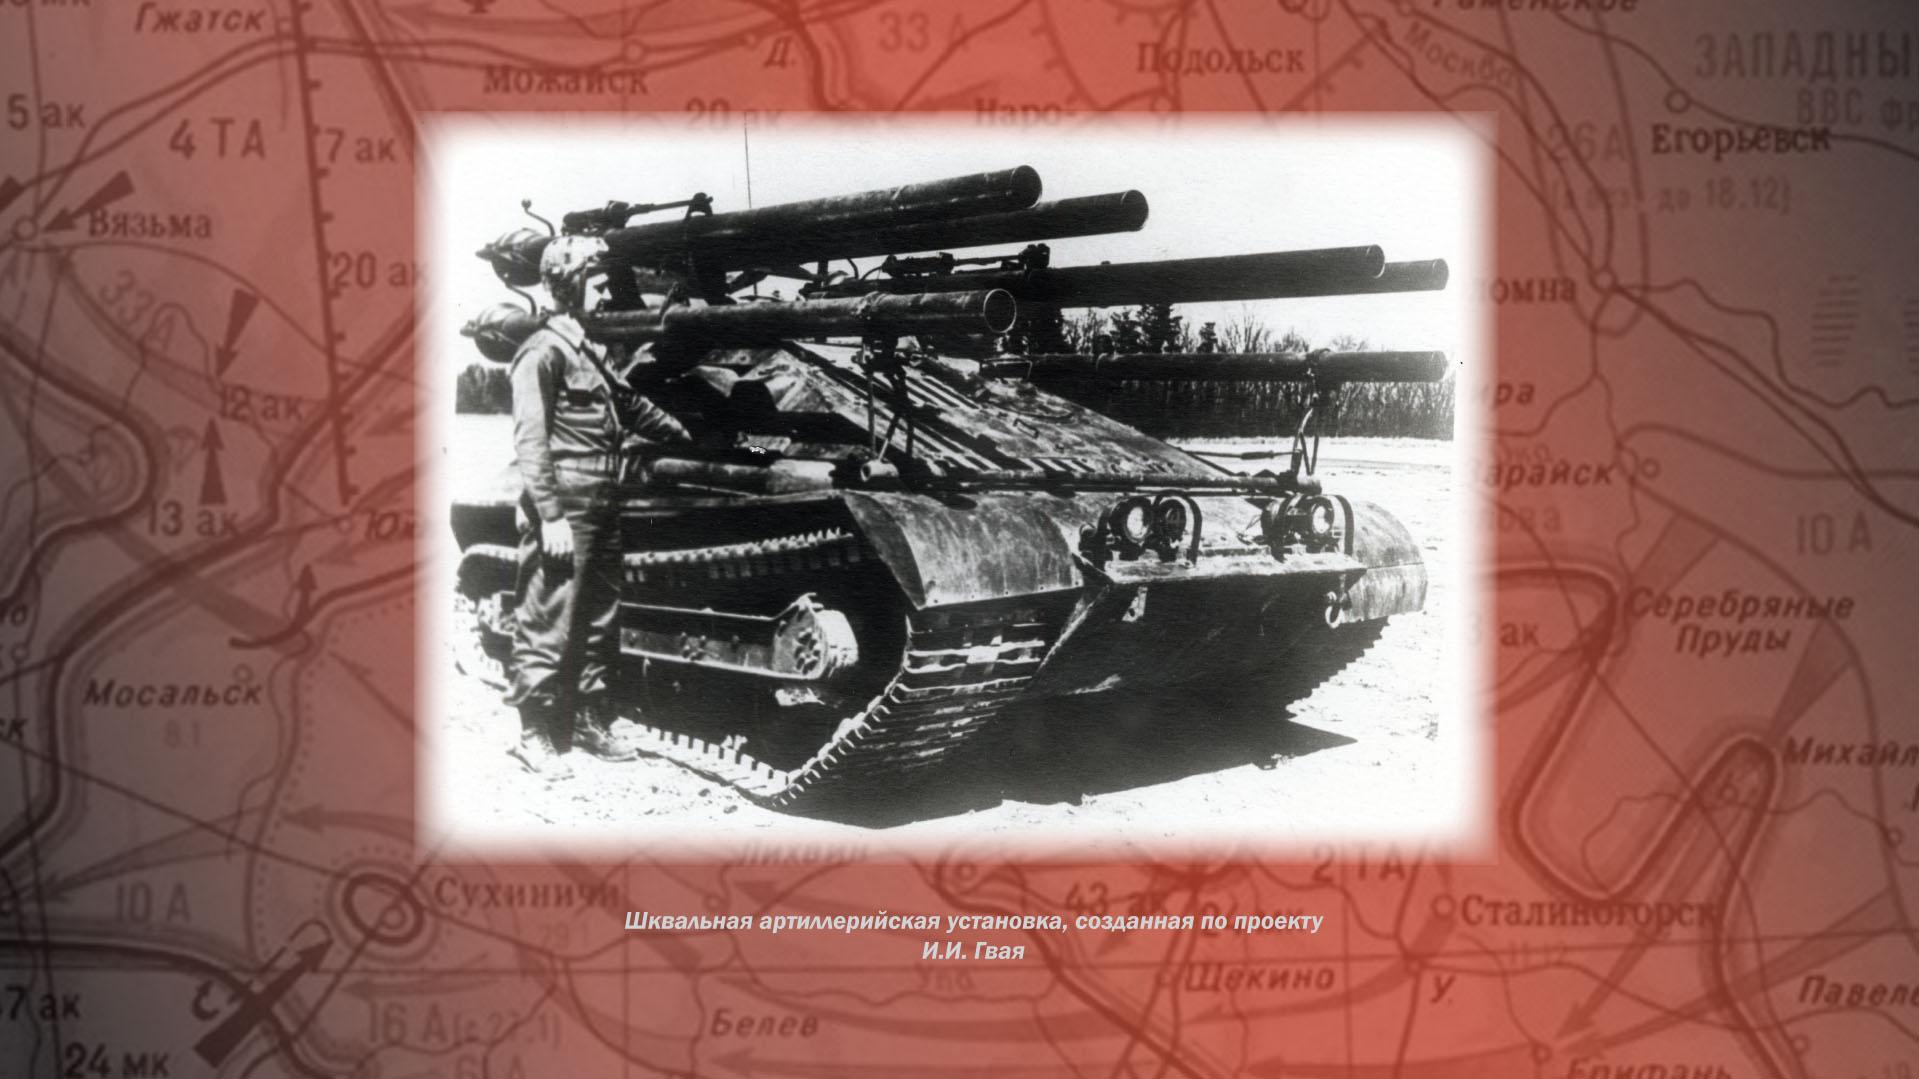 Шквальная артиллерийская установка, созданная по проекту И.И. Гвая